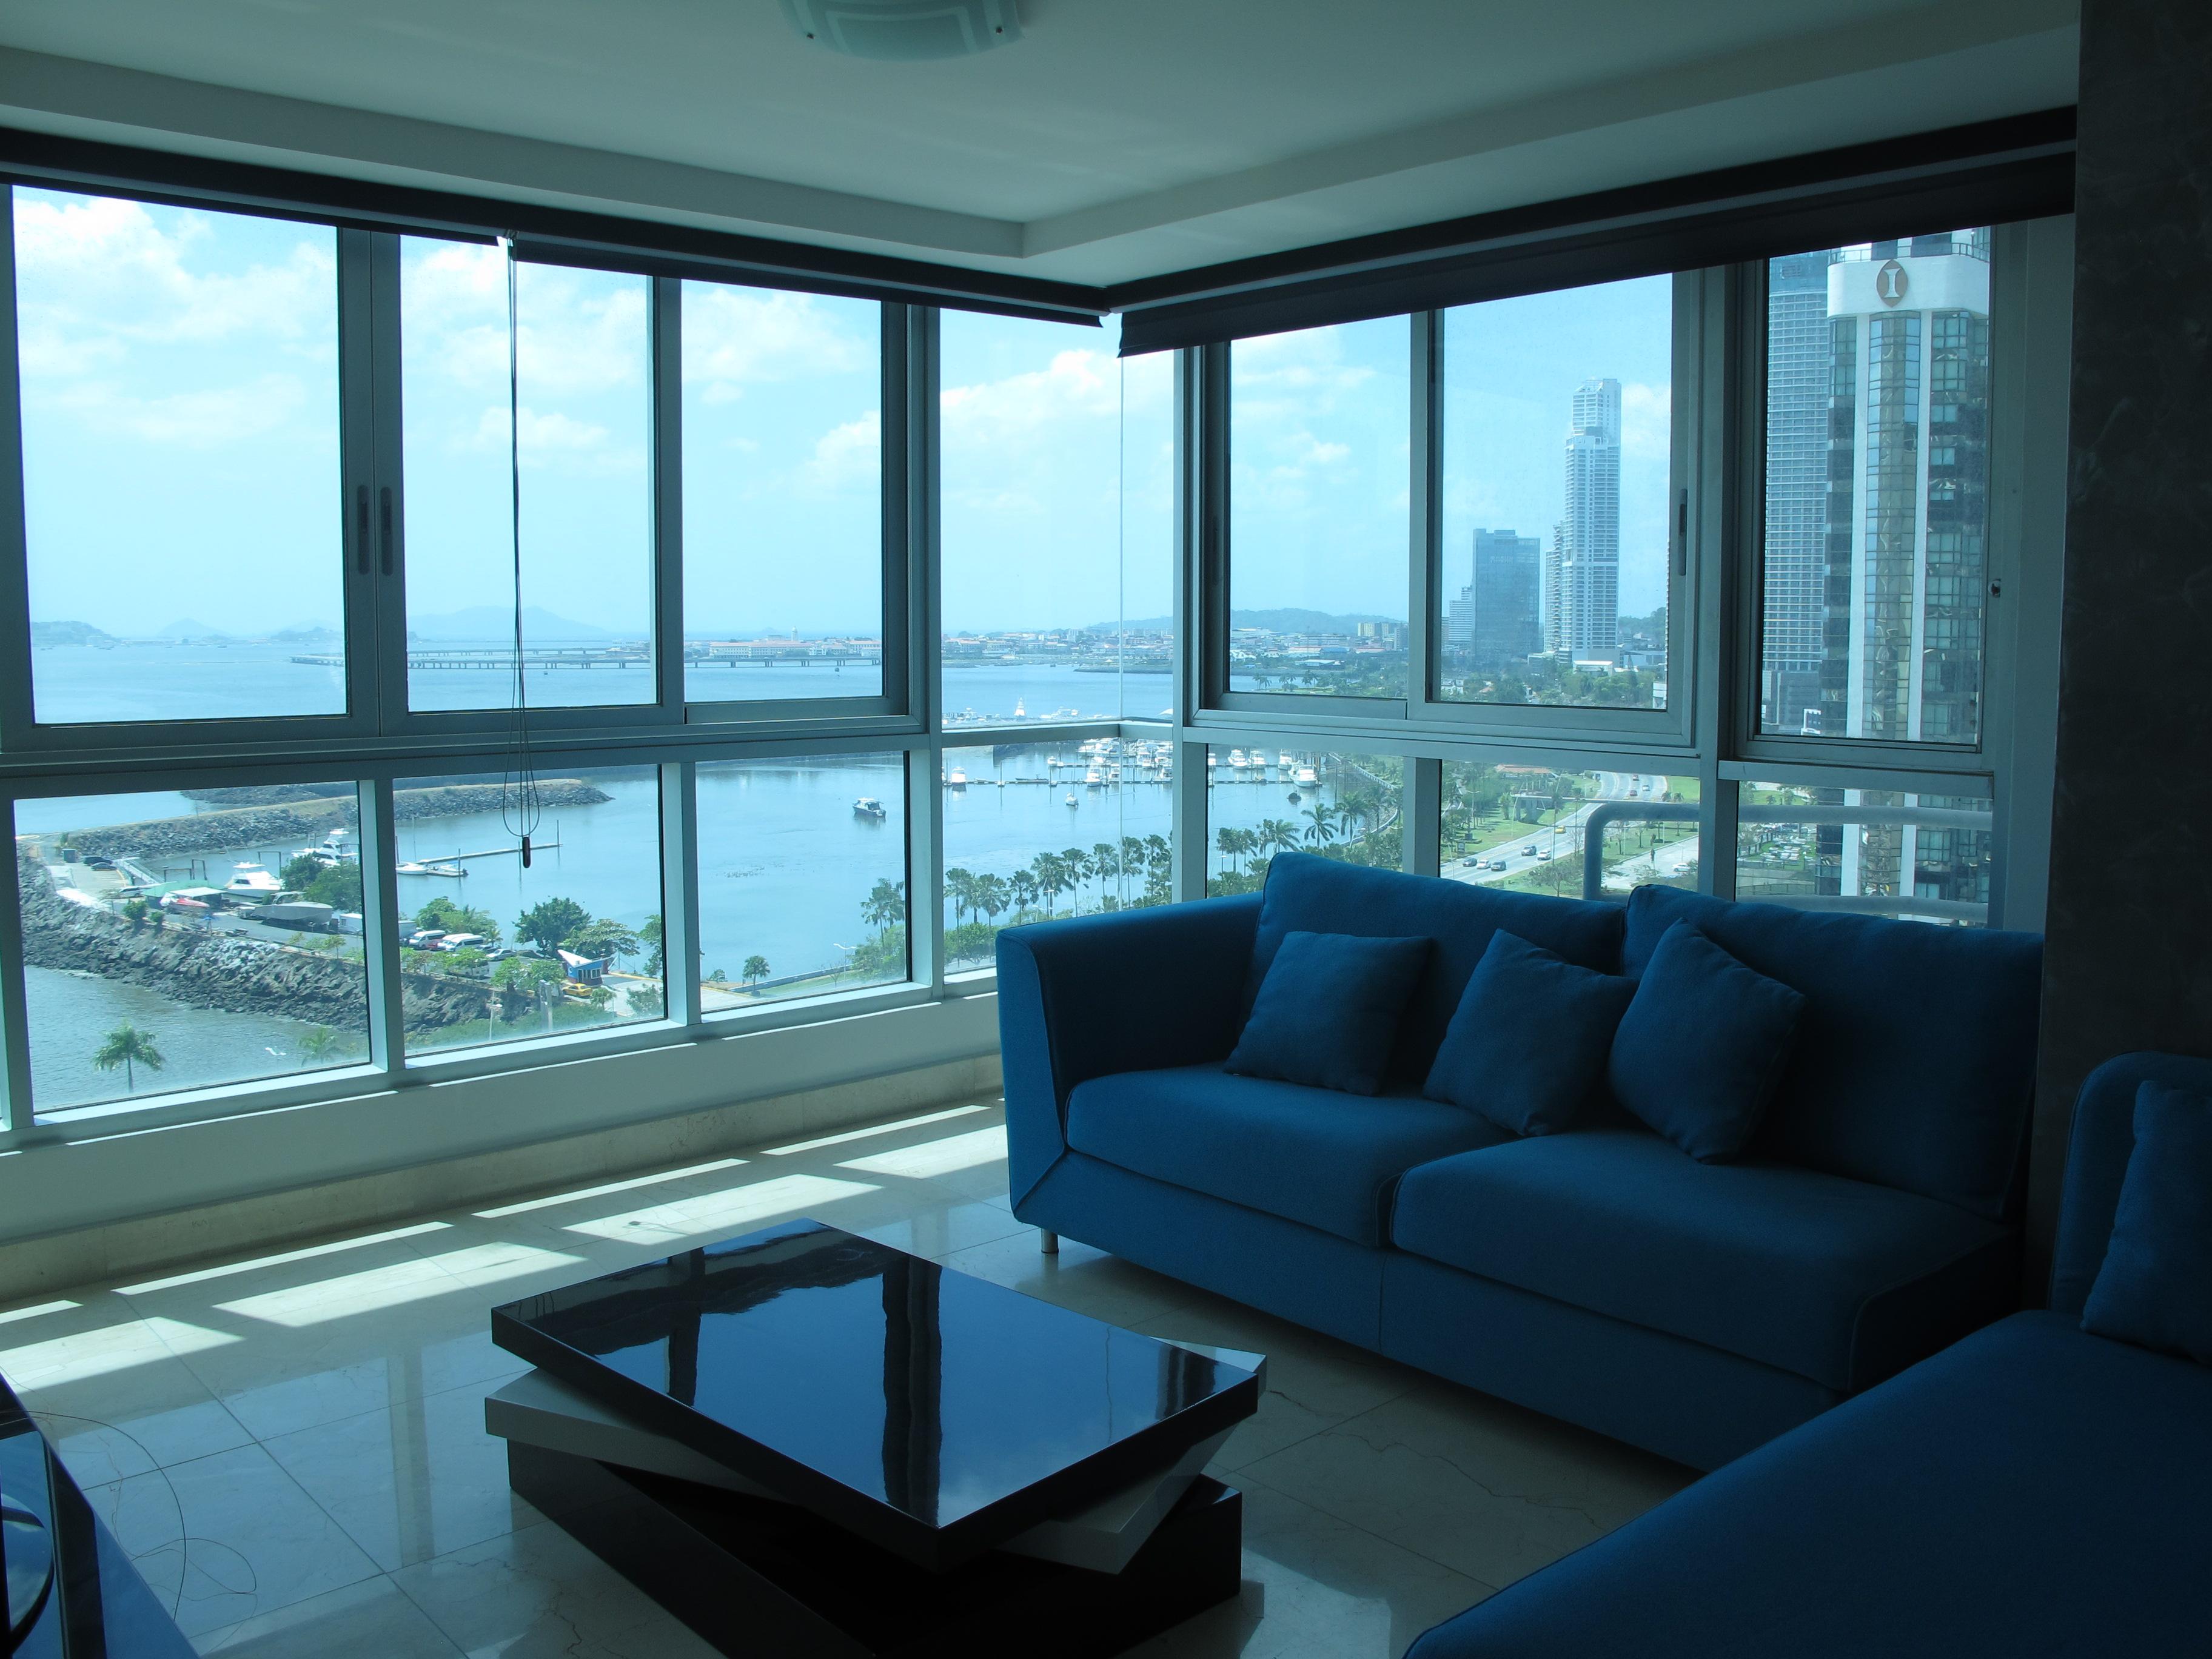 Apartamento villa del mar 2 rec maras de lujo full amoblado square feet panama - Apartamentos avenida ...